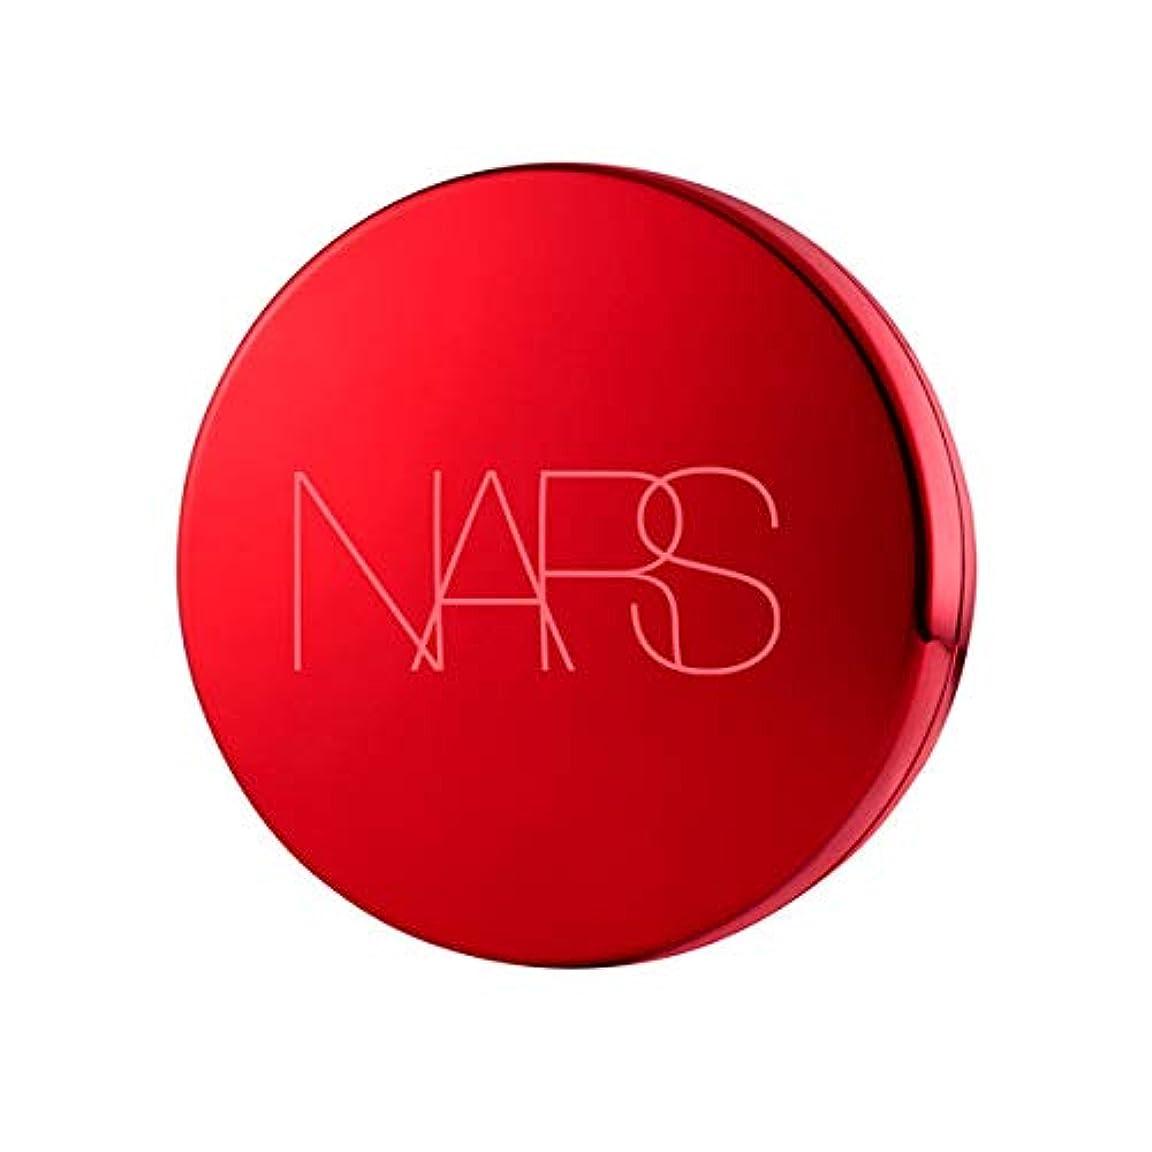 恐れトン心理的【NARS(ナーズ)】 アクアティックグロー クッションコンパクト スペシャルエディションケース